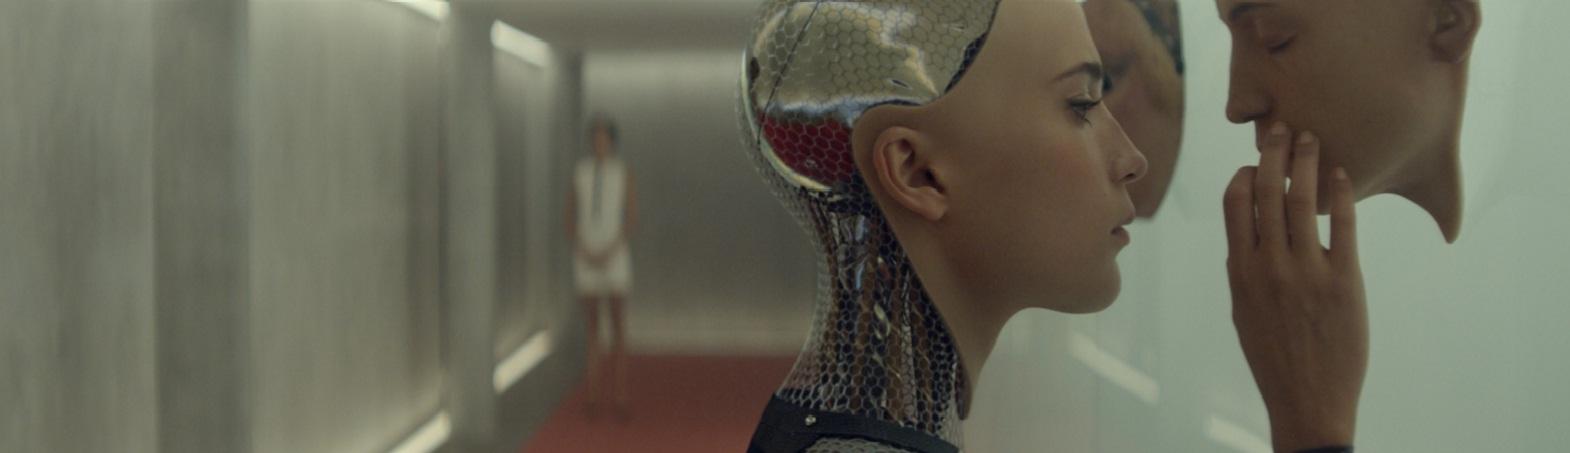 Futurystyczna wizja przyszłości - skany 3D w filmie